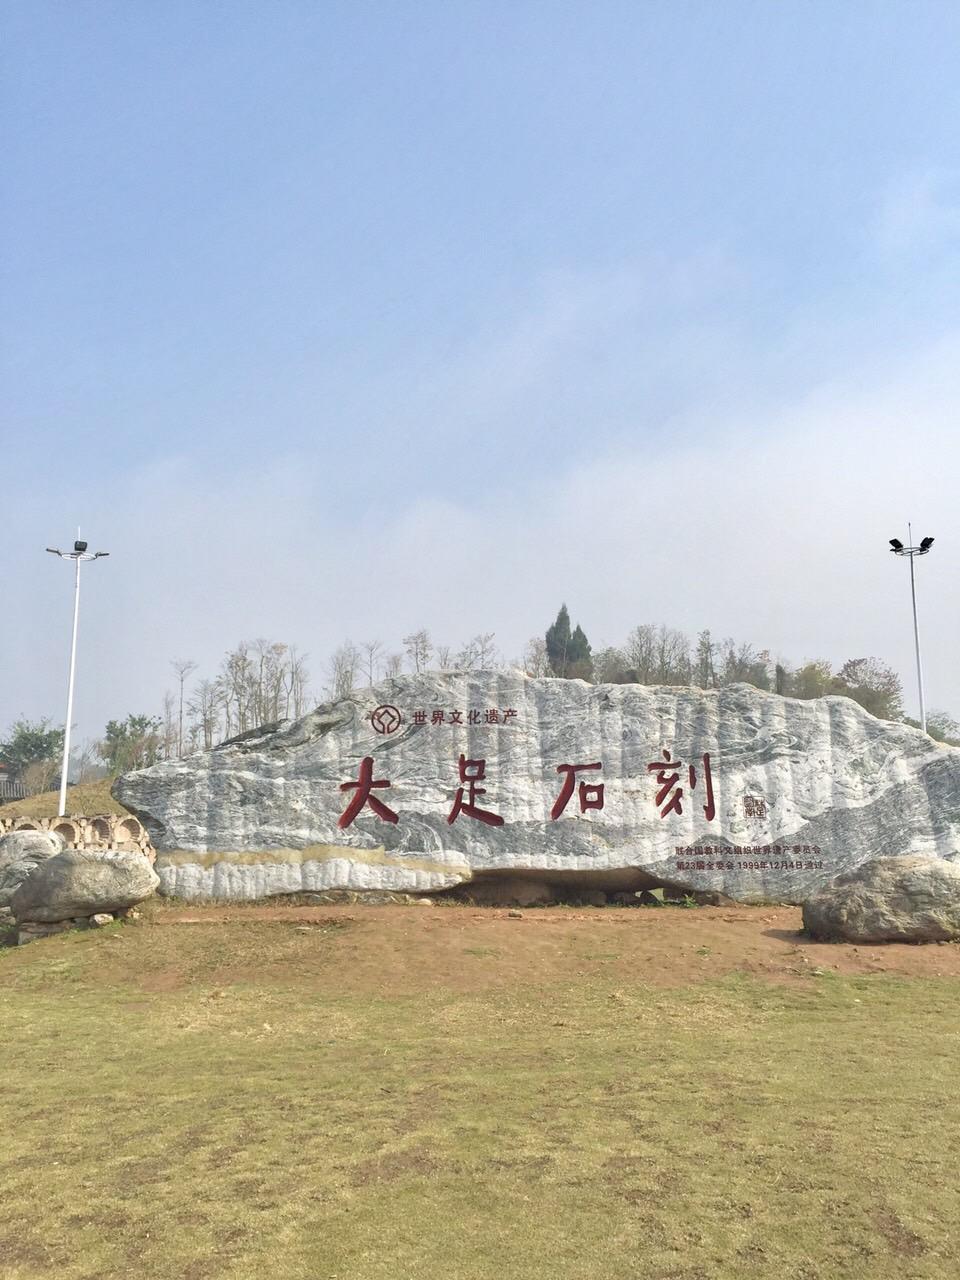 大足石刻の画像 p1_38